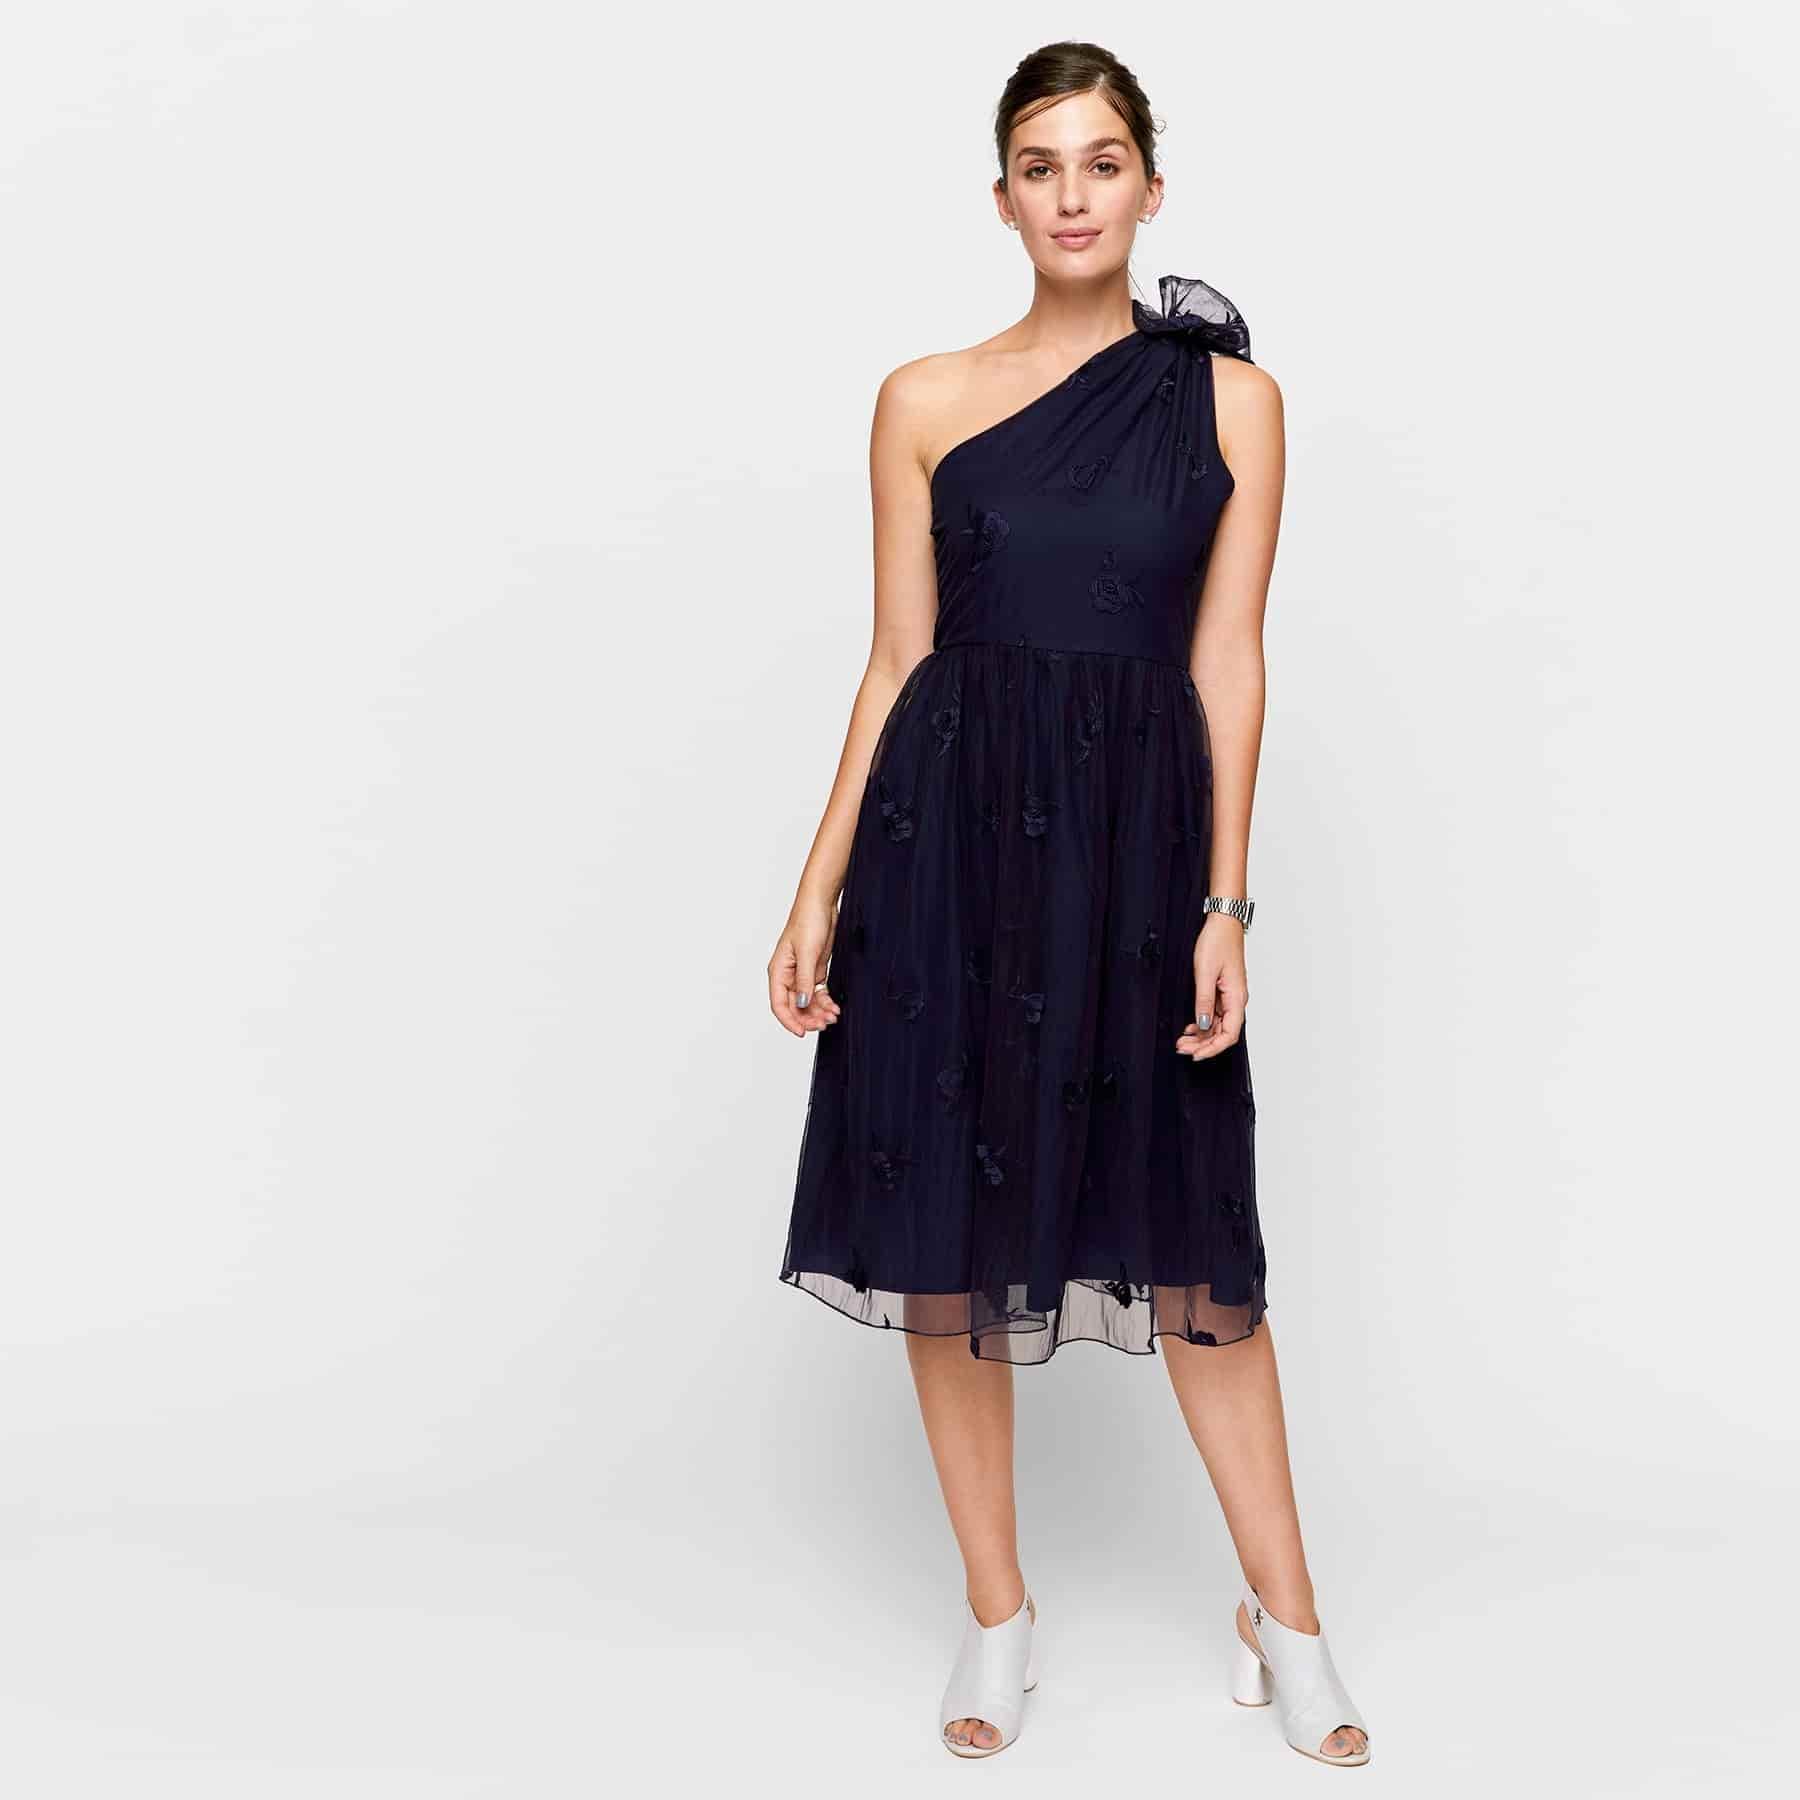 The One Shoulder Dress